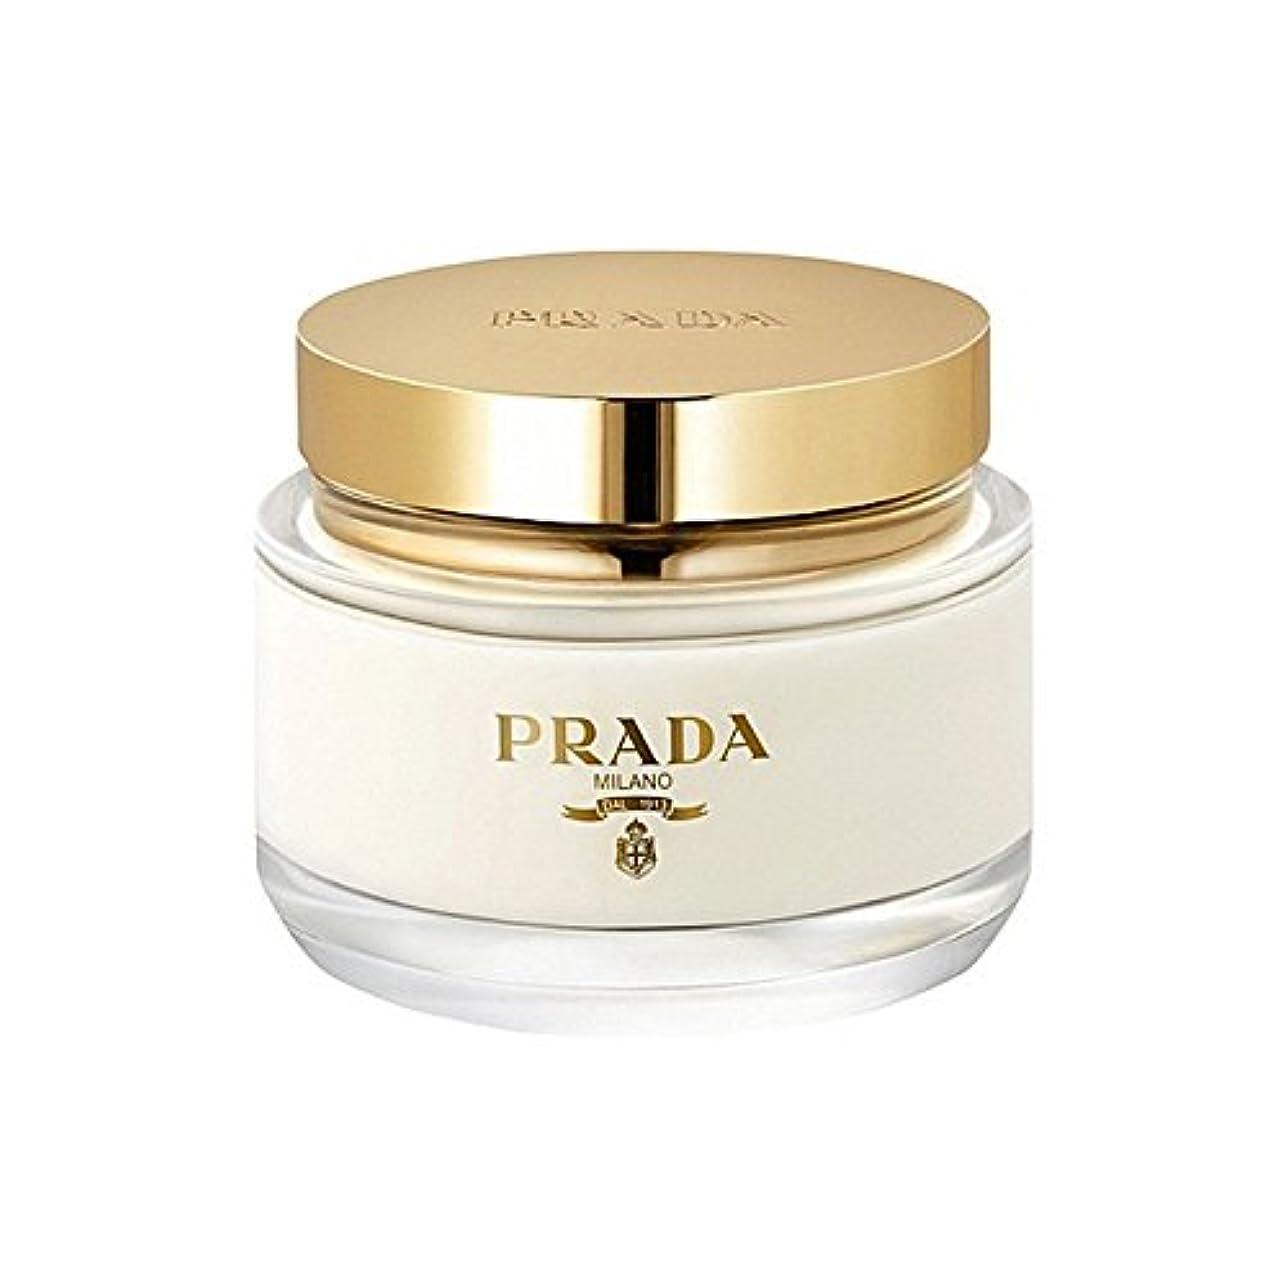 新しい意味標高デコレーションプラダラファムボディクリーム200ミリリットル x2 - Prada La Femme Body Cream 200ml (Pack of 2) [並行輸入品]